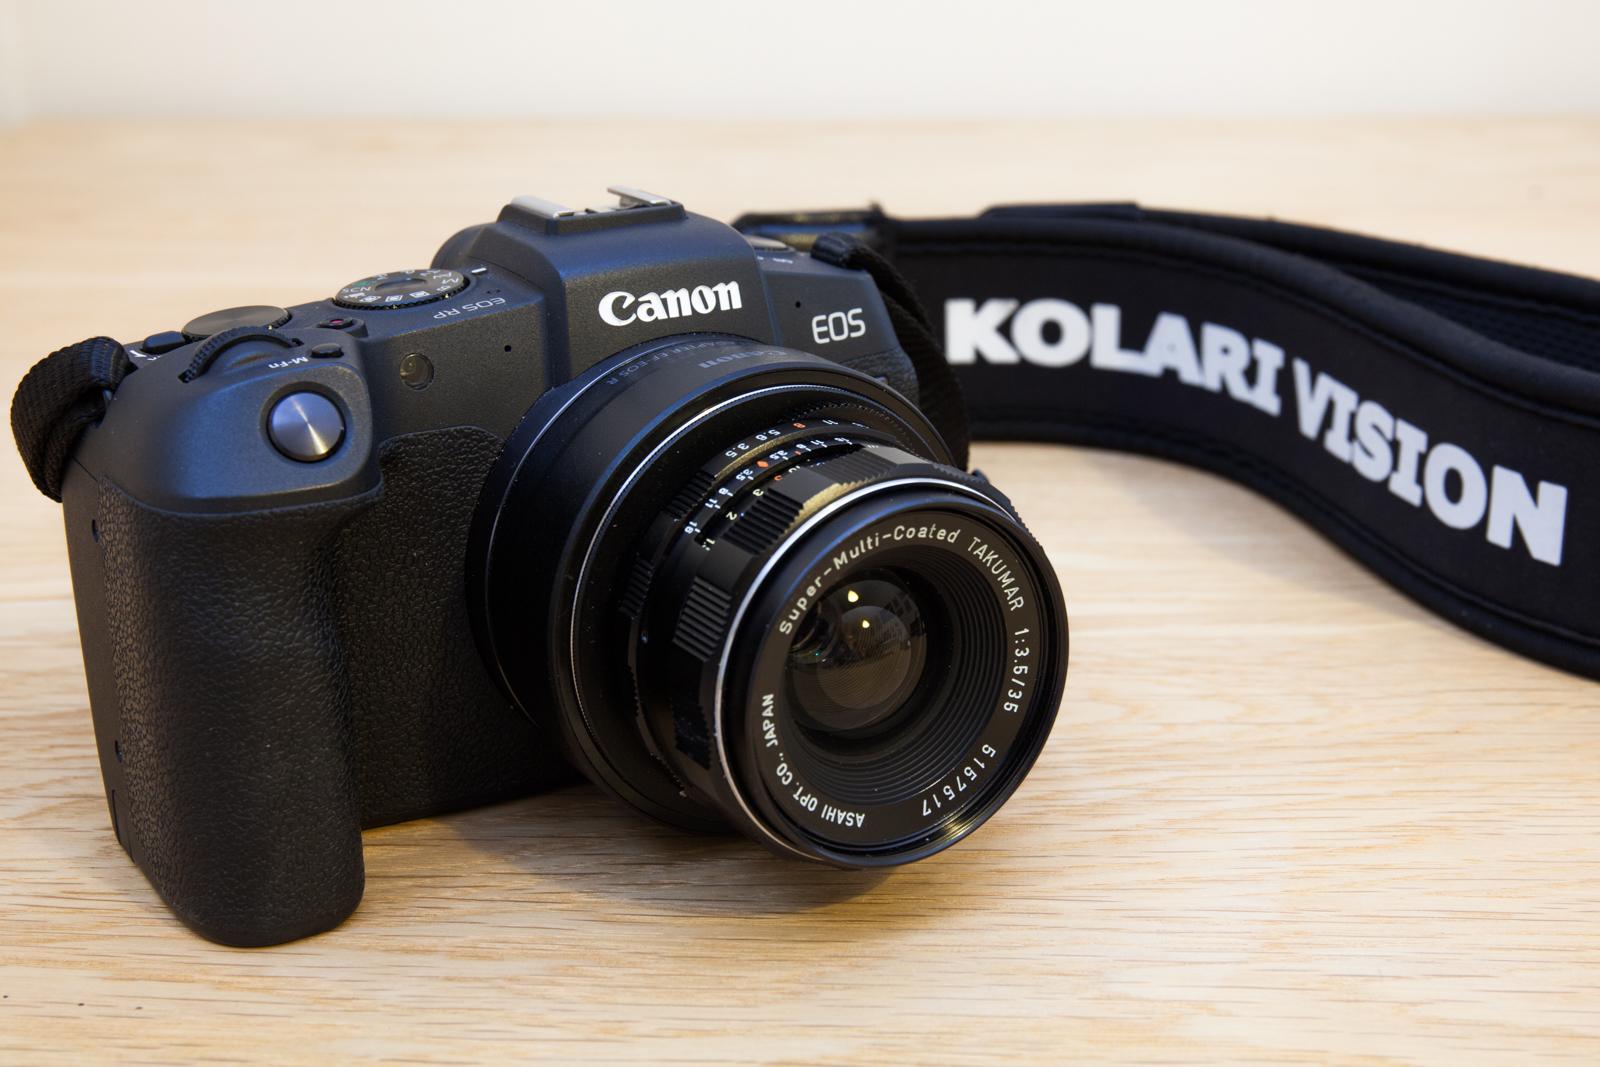 Appareil photo numérique Canon RP modifié pour l'infrarouge et l'ultraviolet et utilisé par le photographe Pierre-Louis Ferrer dans son équipement idéal .